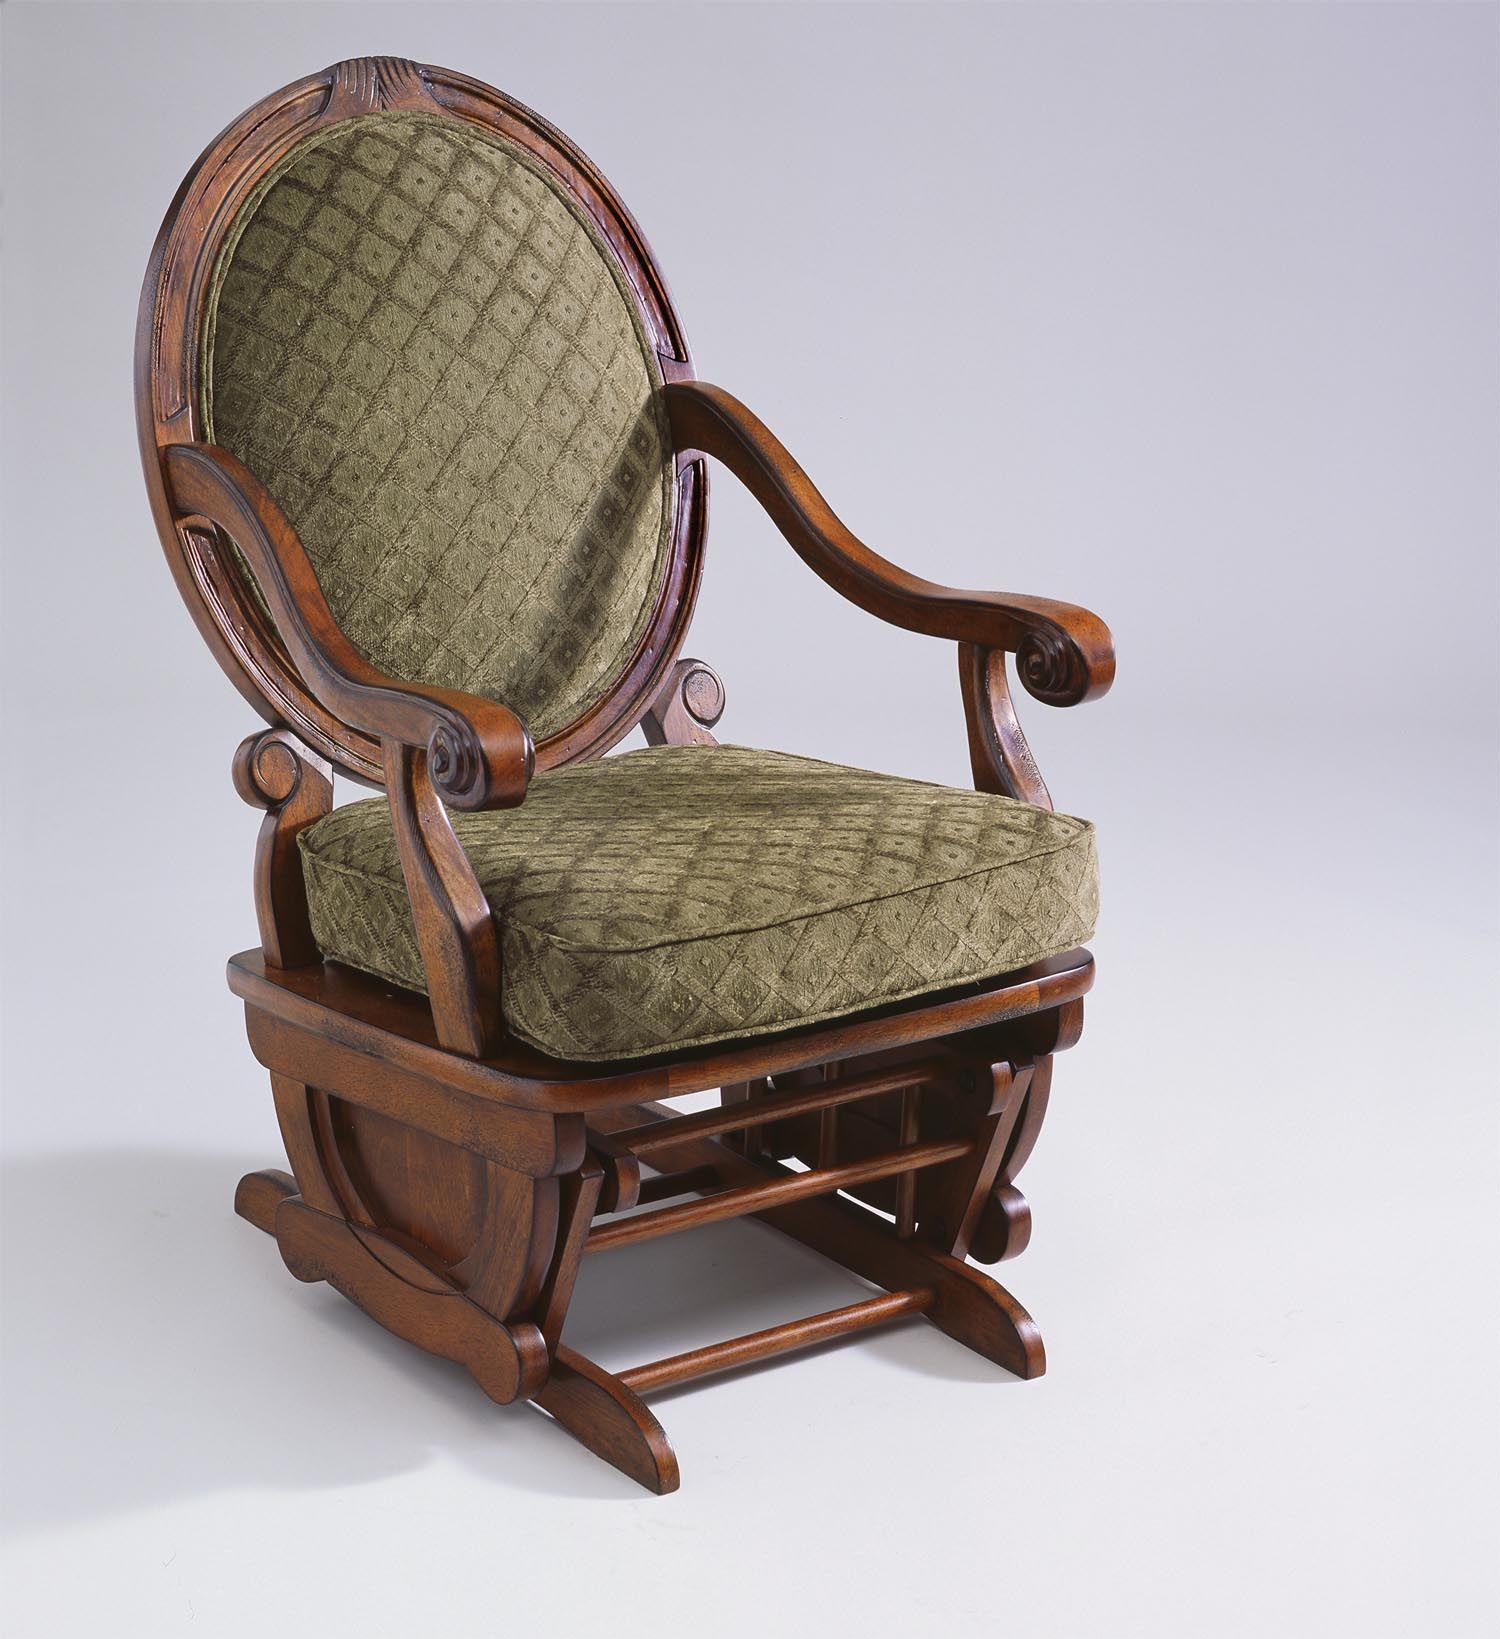 Furniture By Best: Best- Brockly Glider Rocking Chair